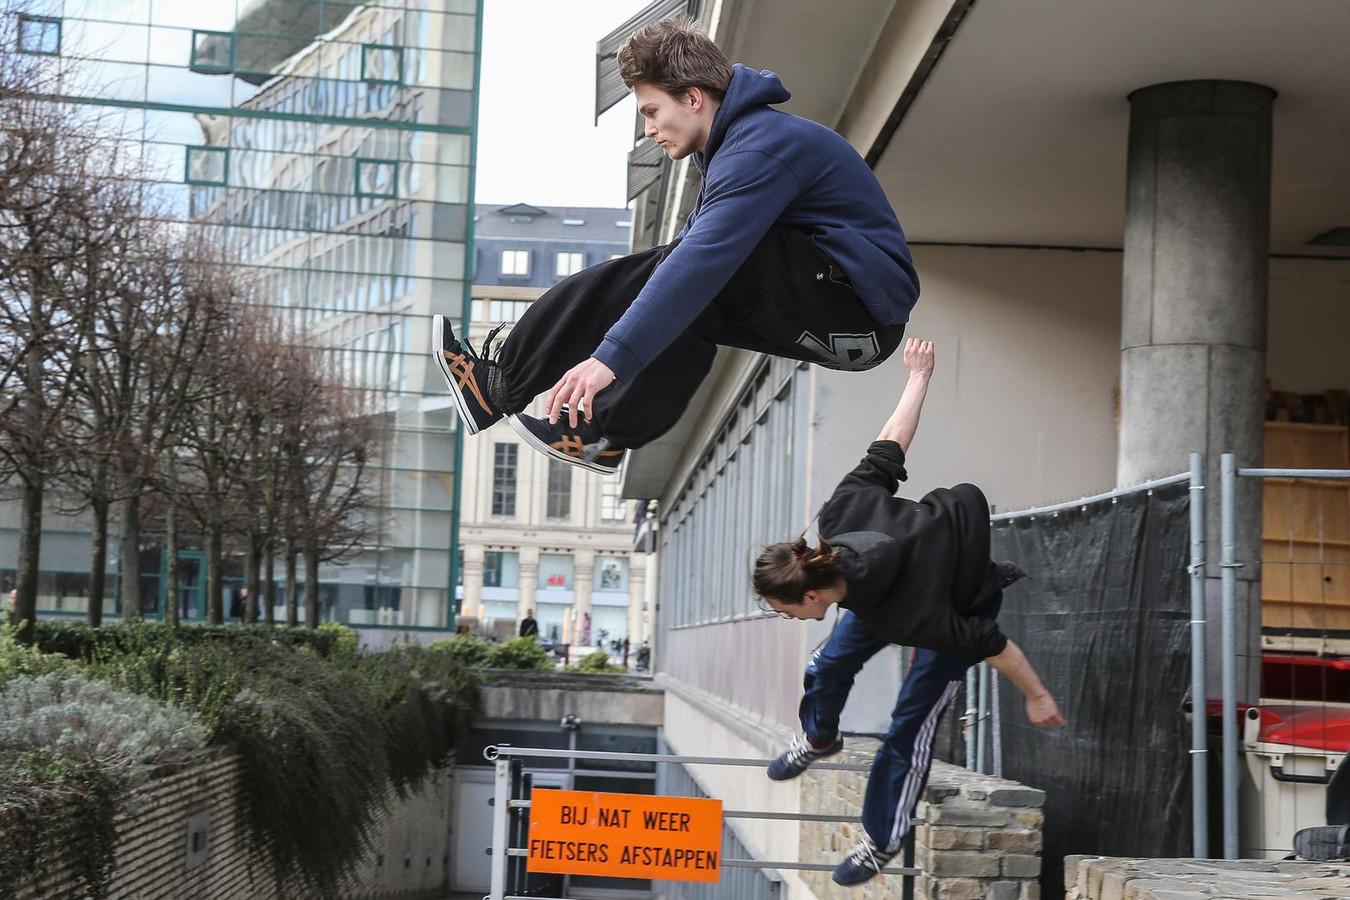 Waar u en ik stappen, gebruiken Wouter De Mol en Niels Van Santen hun springkunsten.